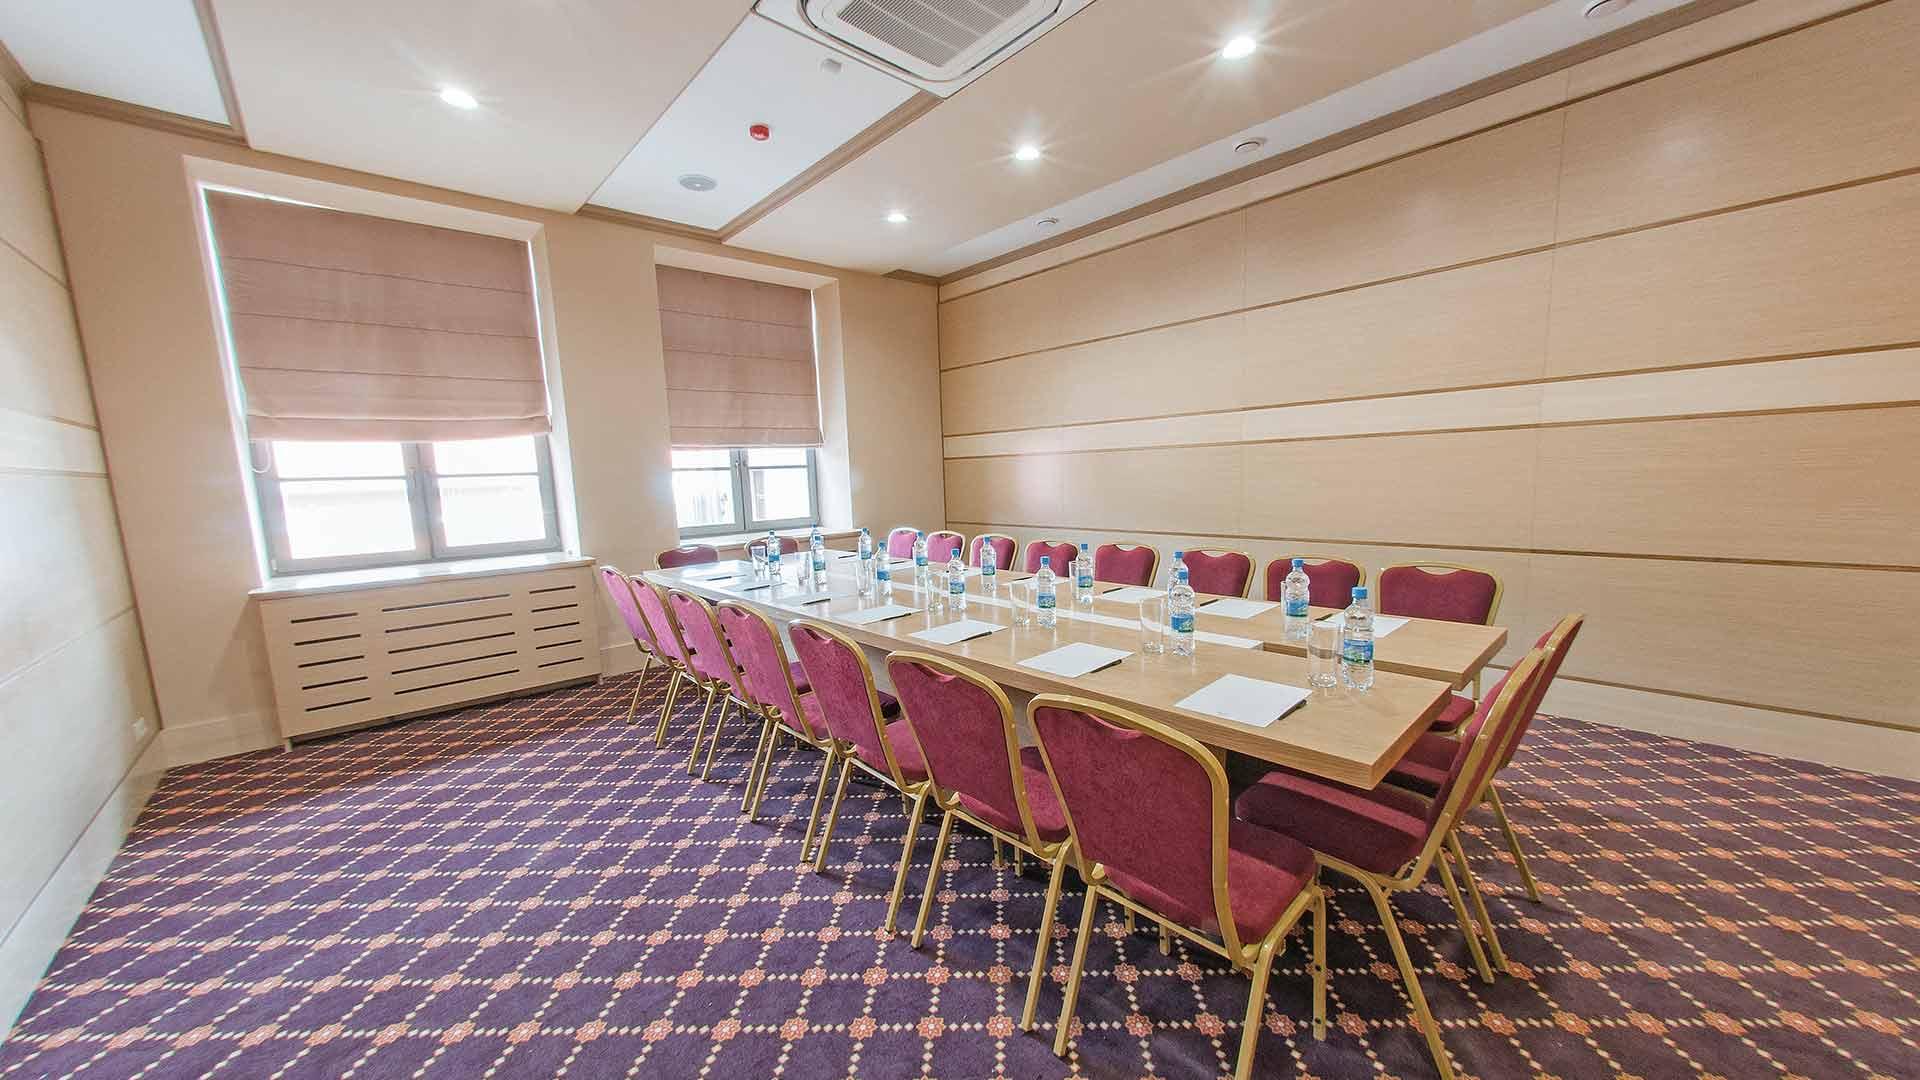 Зал переговоров. Отель Ногай. Гостиница в Казани.